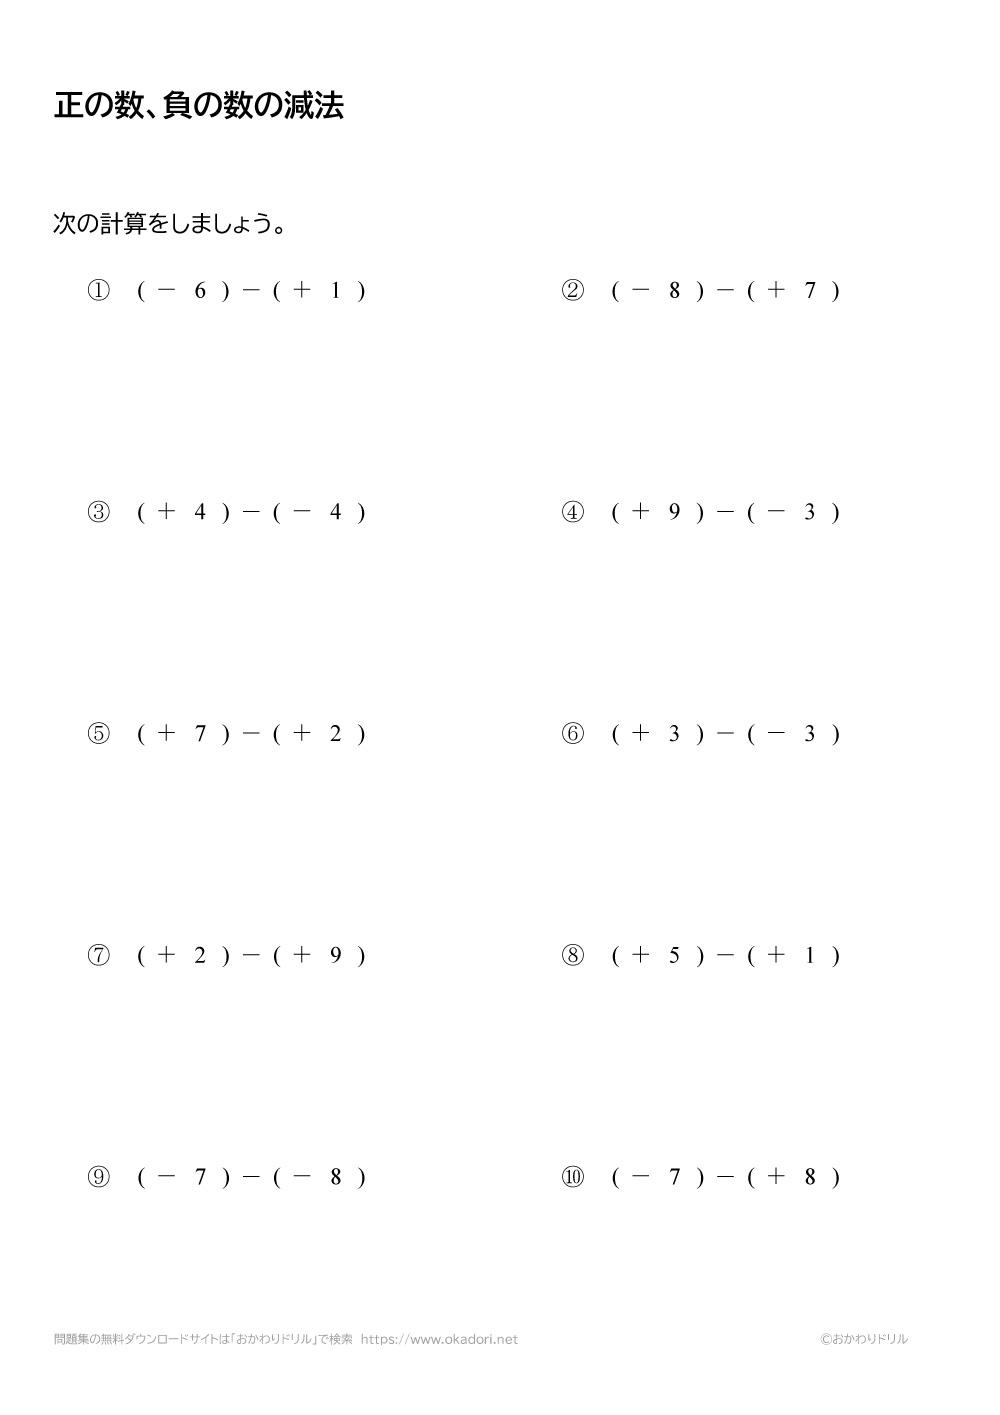 正の数・負の数の減法(引き算)の問題と答え6